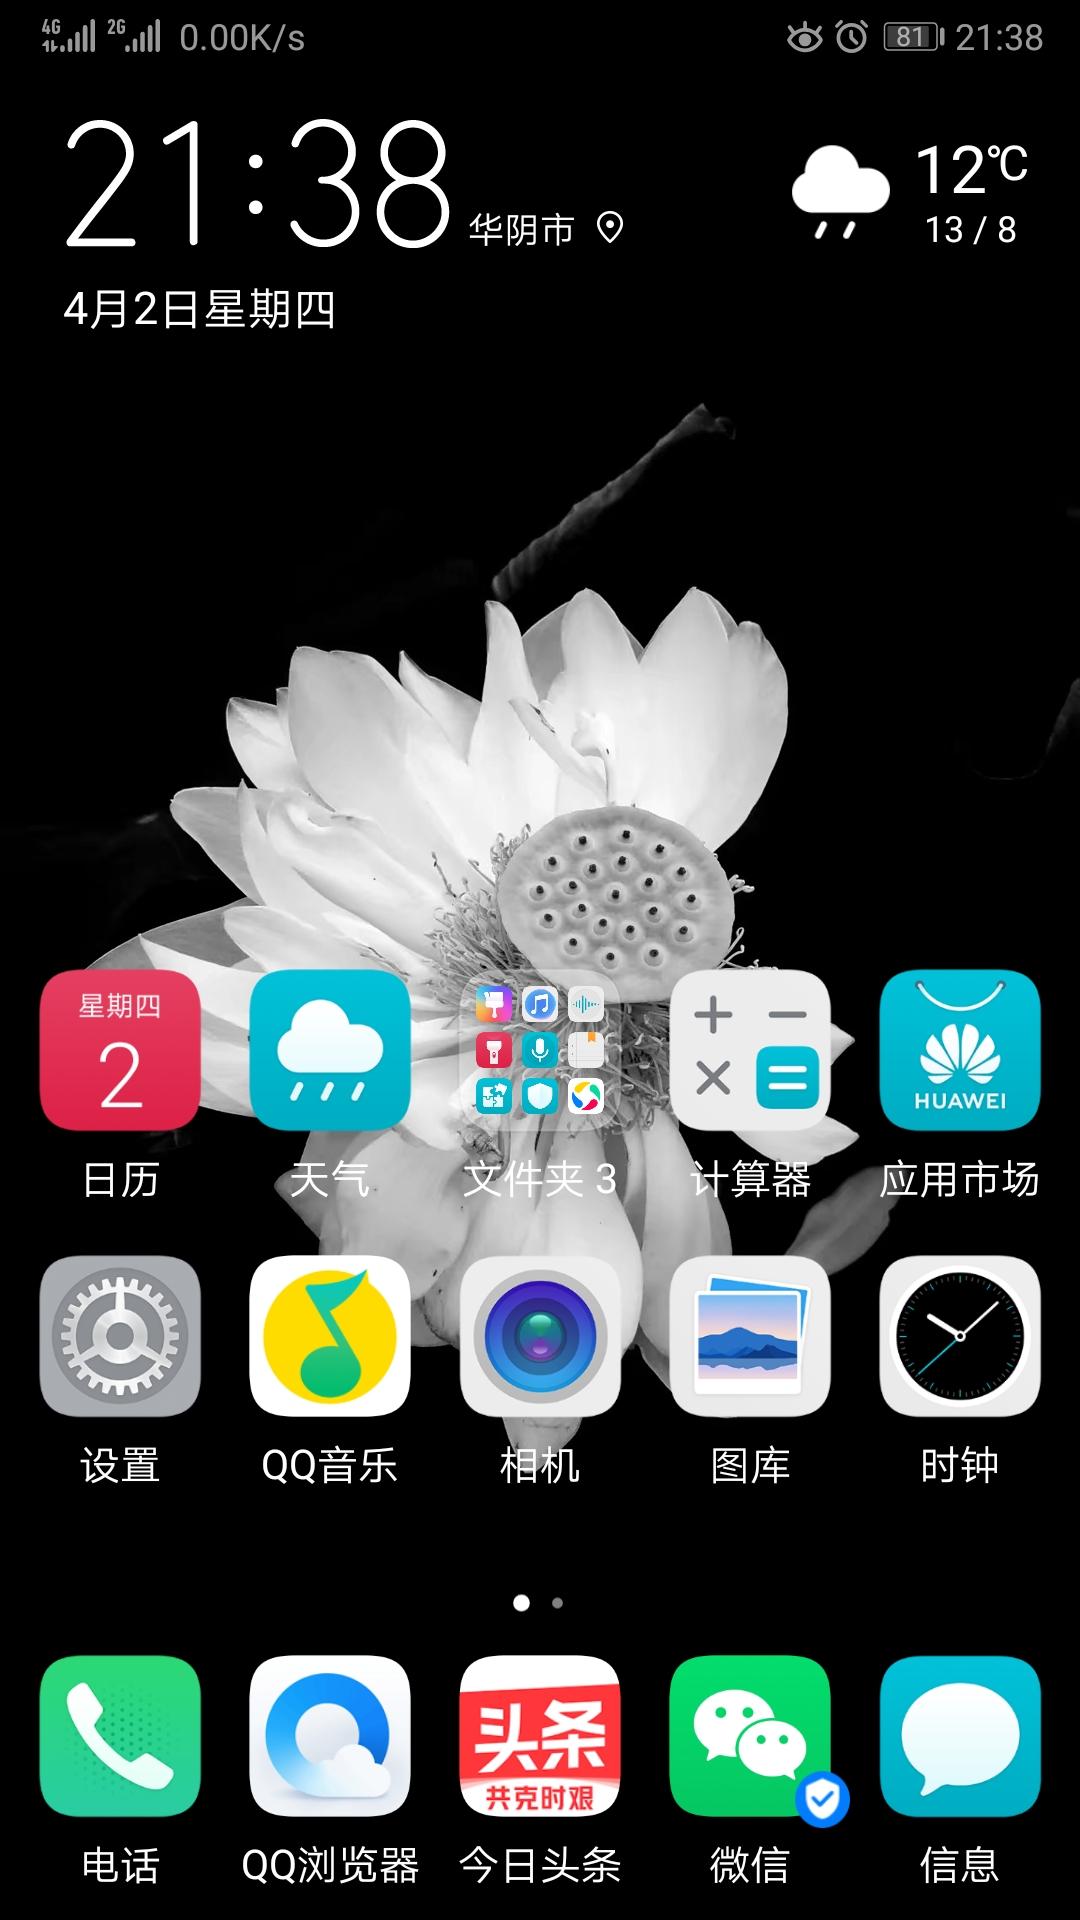 Screenshot_20200402_213833_com.huawei.android.launcher.jpg